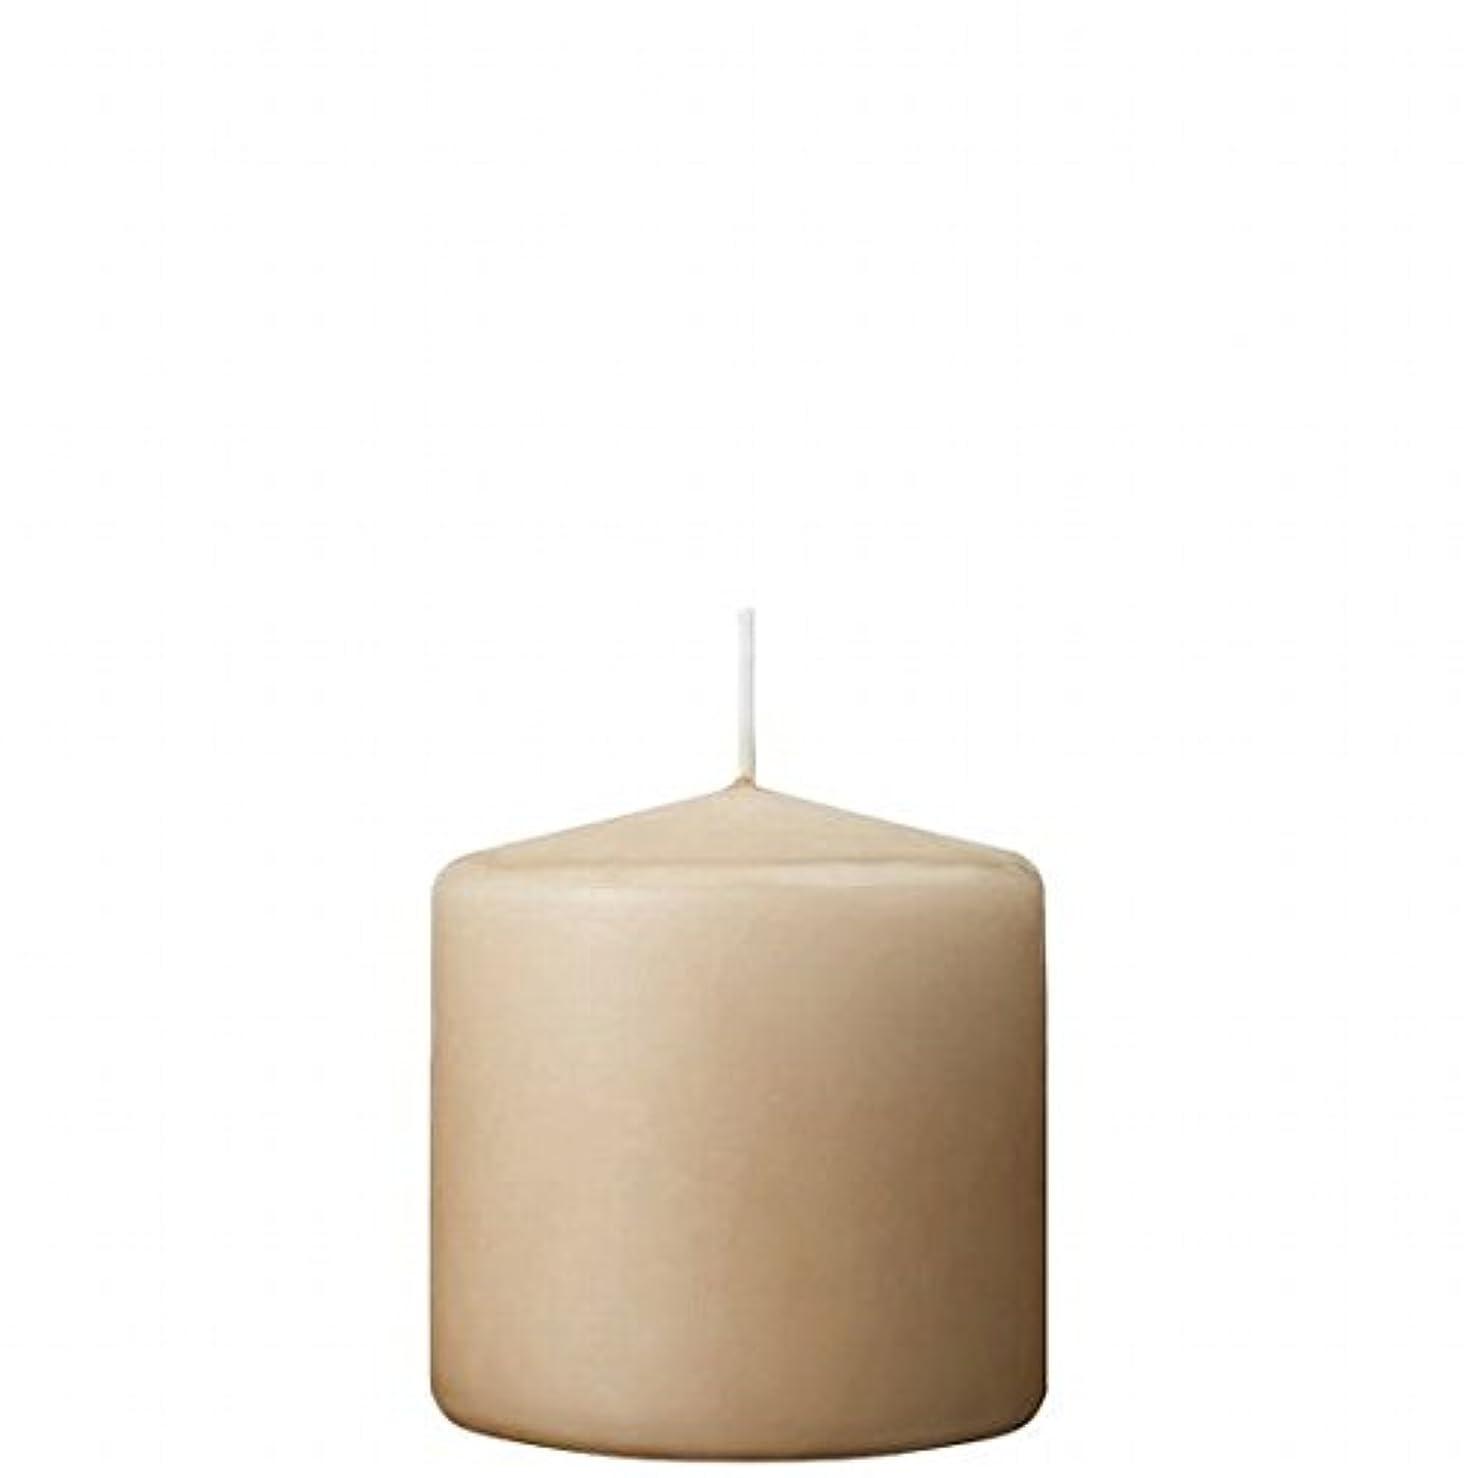 kameyama candle(カメヤマキャンドル) 3×3ベルトップピラーキャンドル 「 ベージュ 」(A9730000BG)